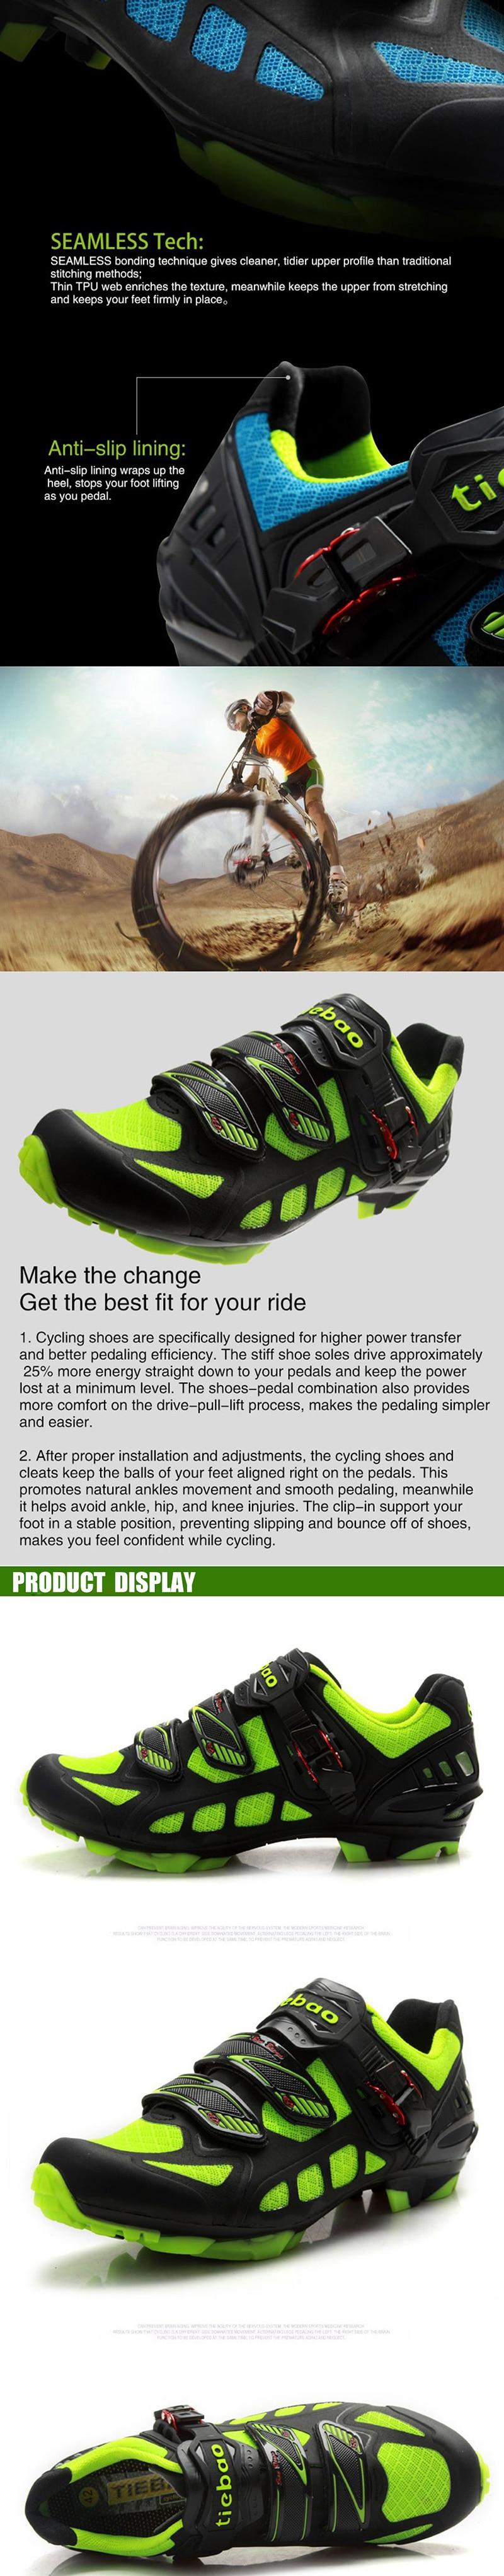 Ciclismo De Sapatilha Triatlon Montagne Autobloquantes Pédales Spd Vélo Tiebao Baskets Chaussures Hommes Mtb Respirant Femmes kPuXZi